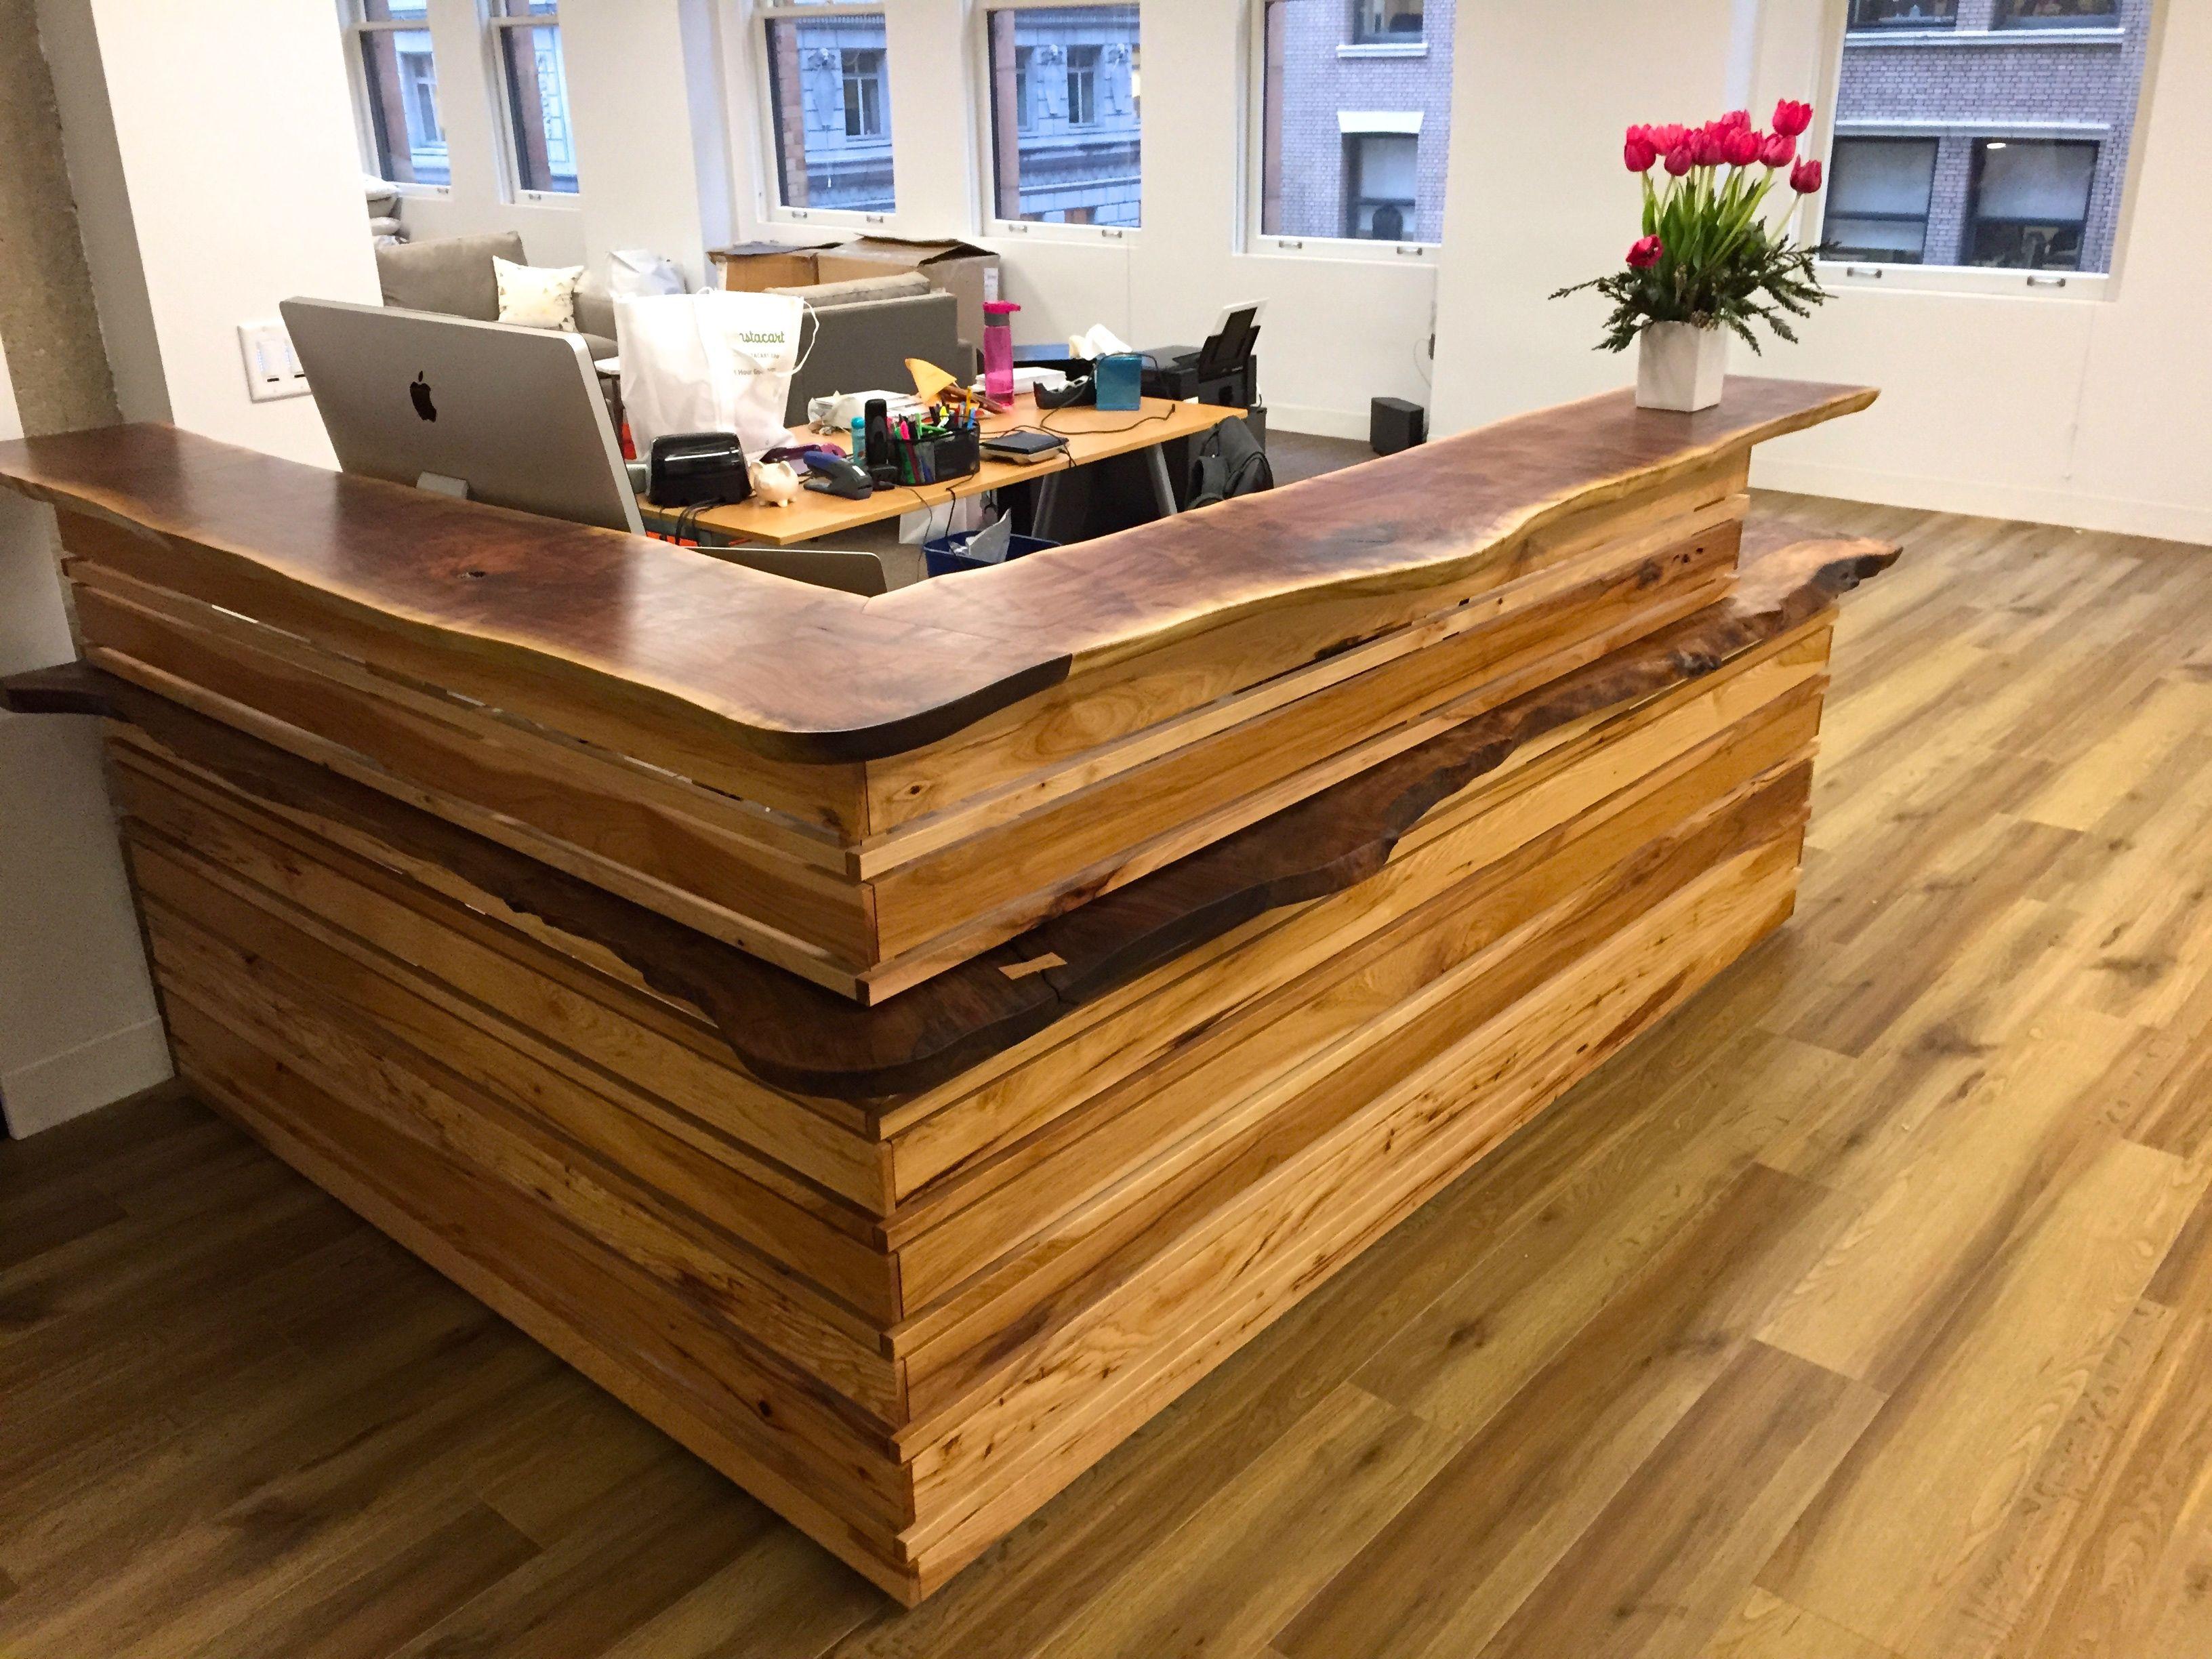 live edge wood design for reception desk